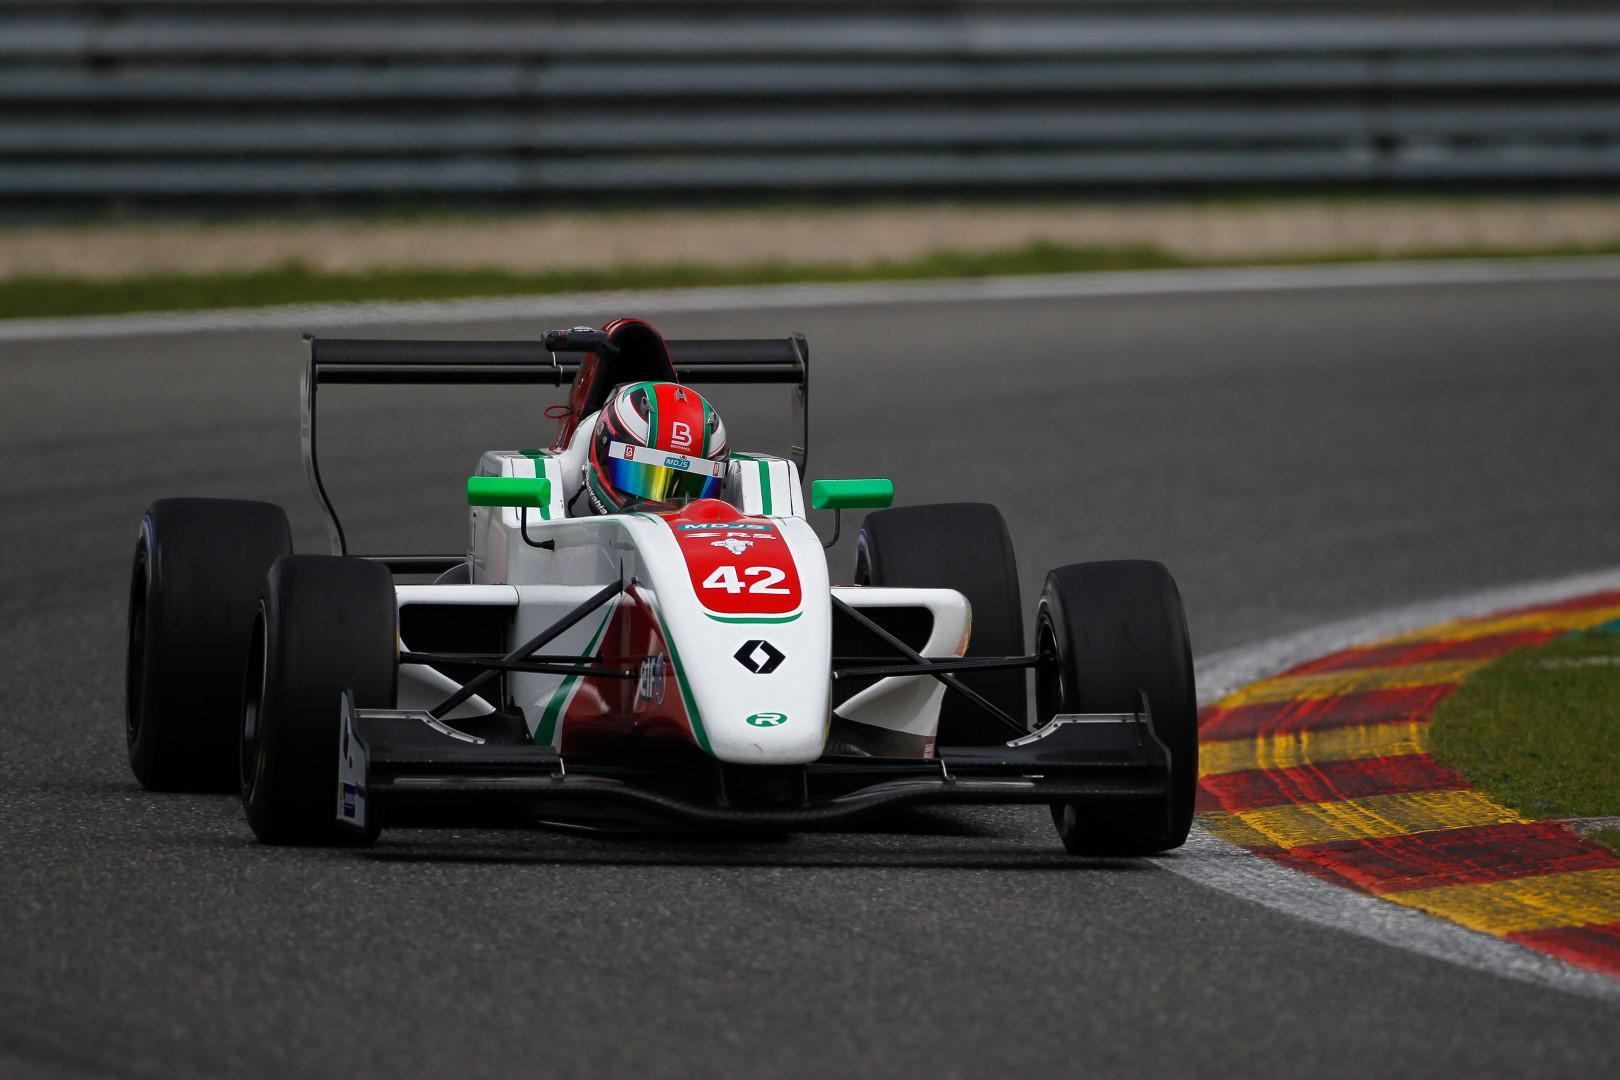 2eme-au-championnat-le-marocain-benyahia-se-replace-dans-la-course-au-titre-nec-formule-renault-2-0-425-7.jpg